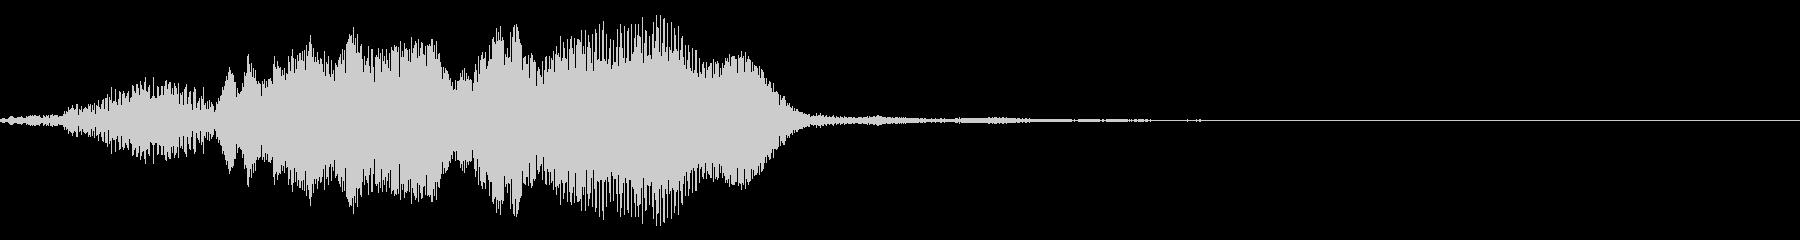 ギギィ~…軋む音 1の未再生の波形